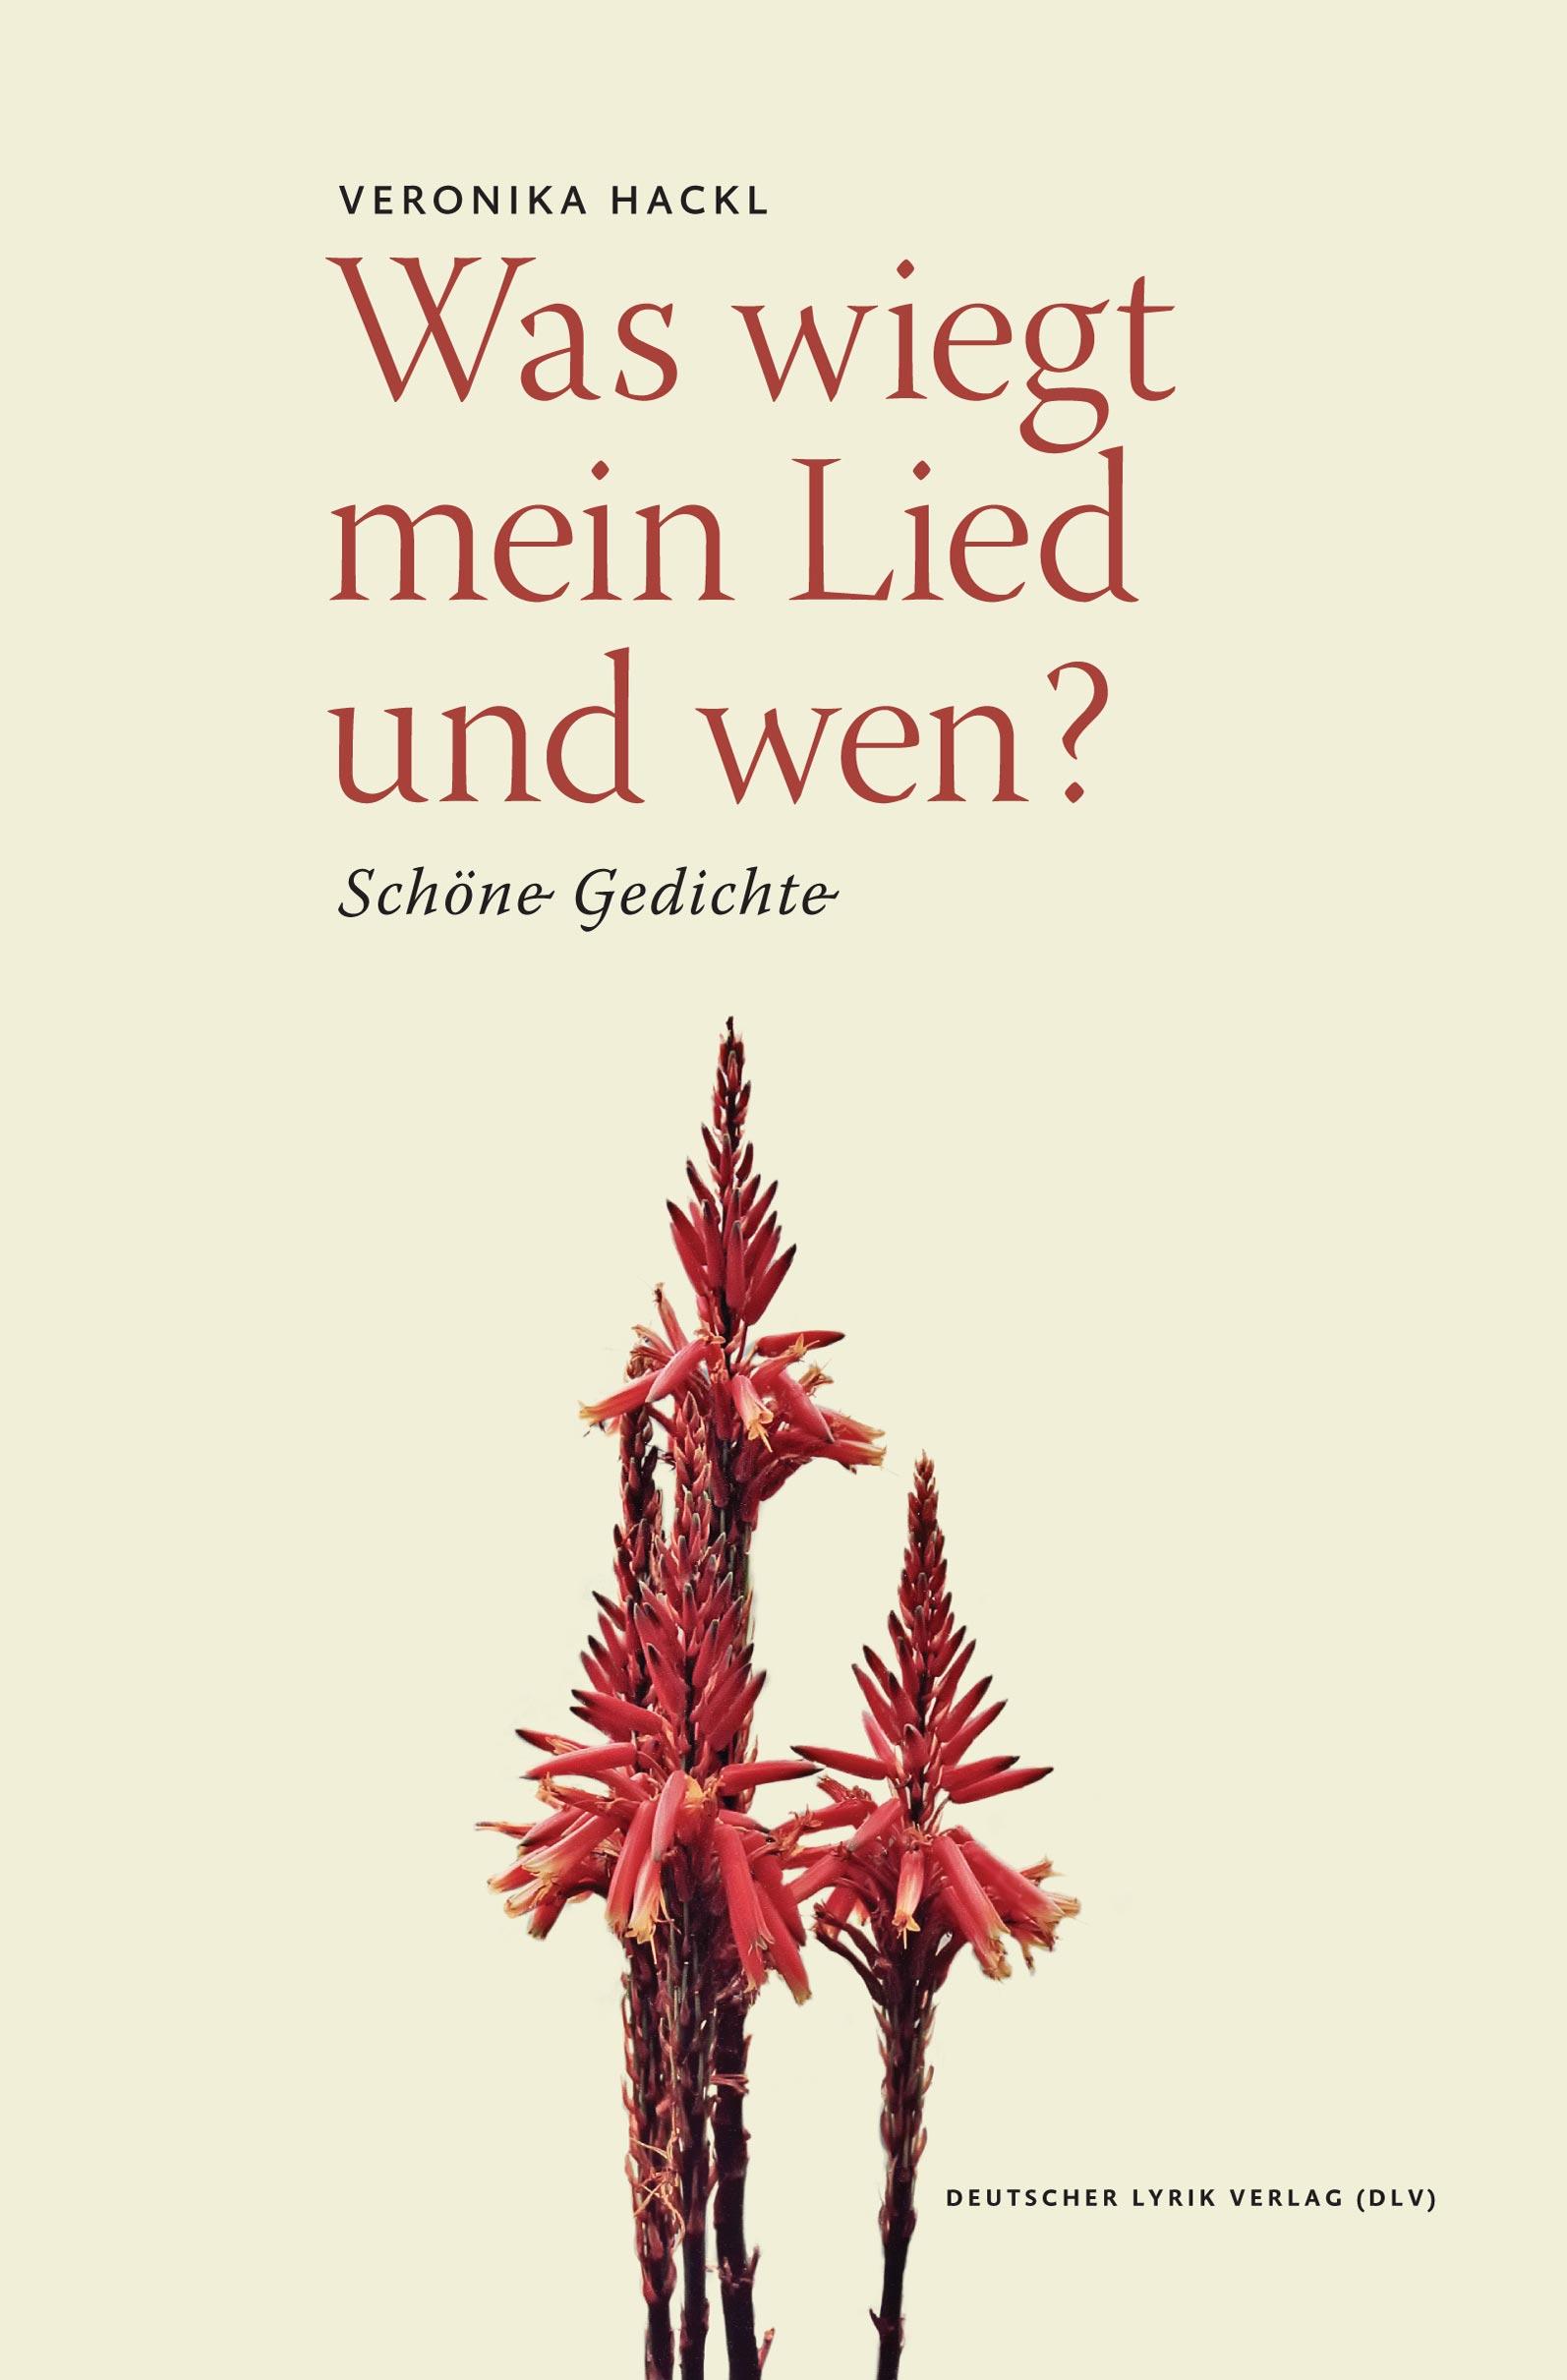 Schöne Deutsche Lieder Die 20 Schönsten Liebeslieder